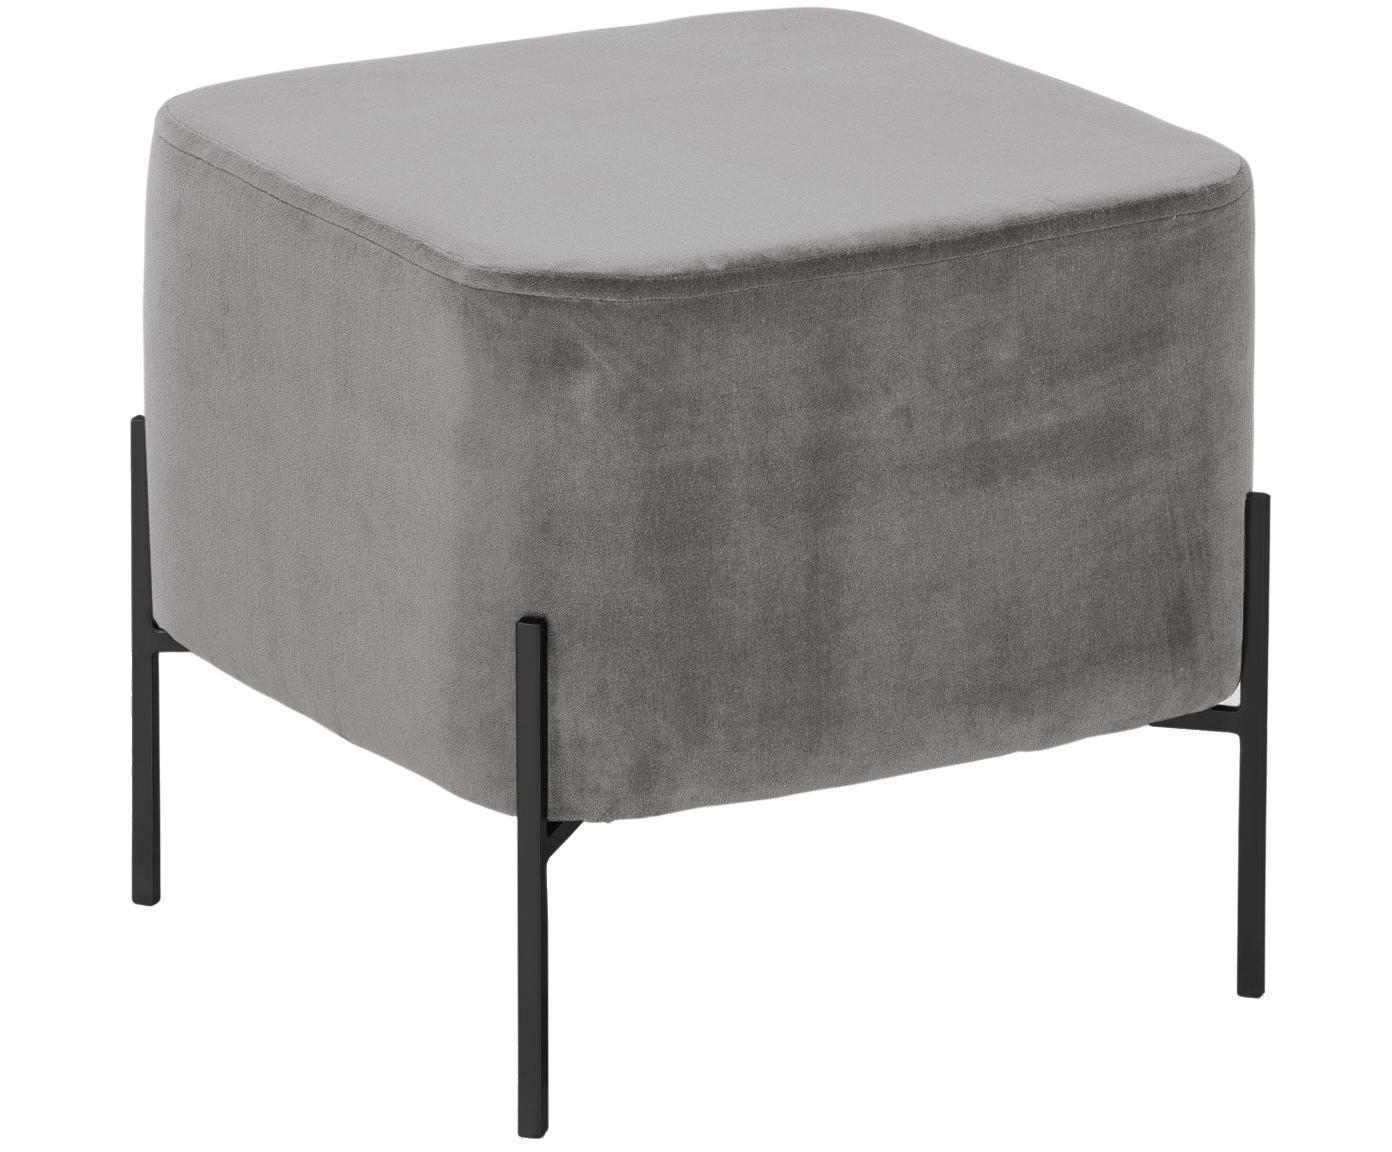 Samt-Hocker Harper, Bezug: Baumwollsamt, Fuß: Metall, pulverbeschichtet, Bezug: GrauFuß: Schwarz, 46 x 44 cm